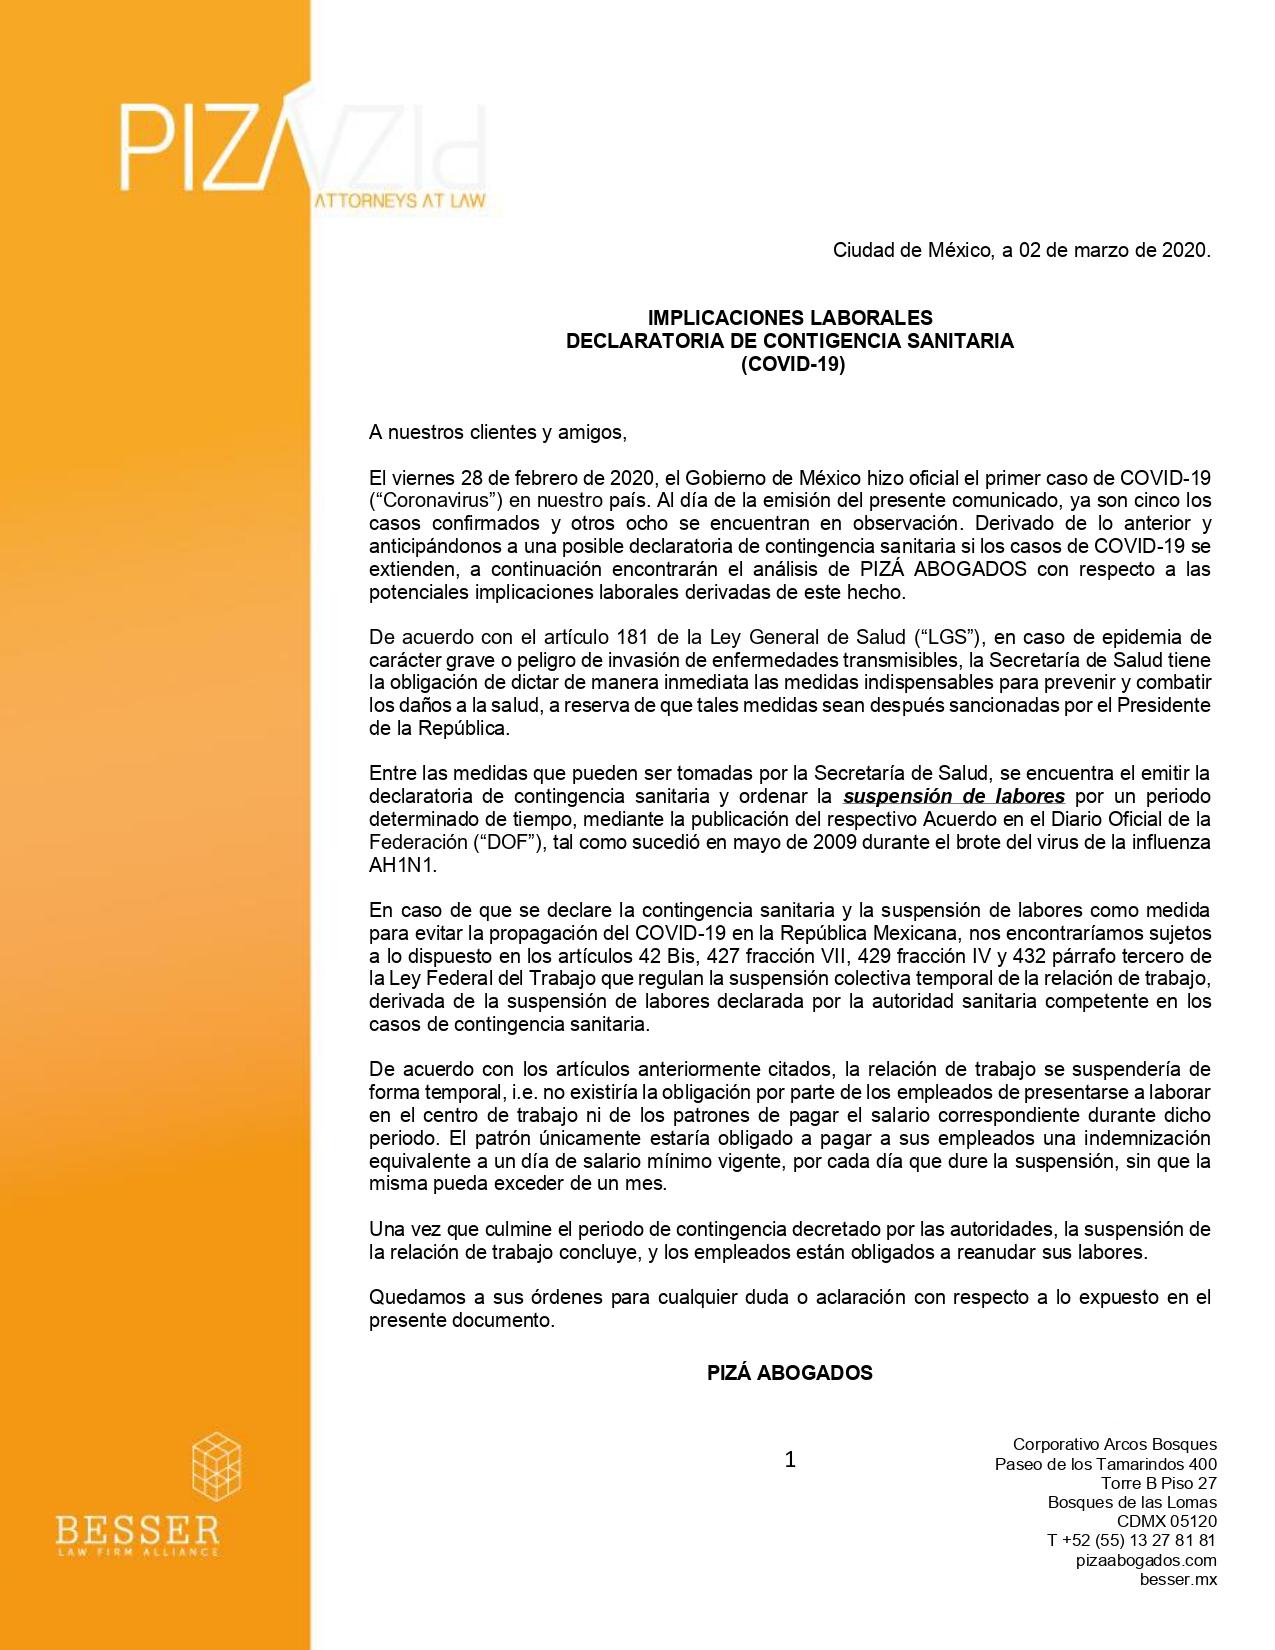 Implicaciones Laborales Declaratoria de Contingencia Sanitaria (Covid-19)